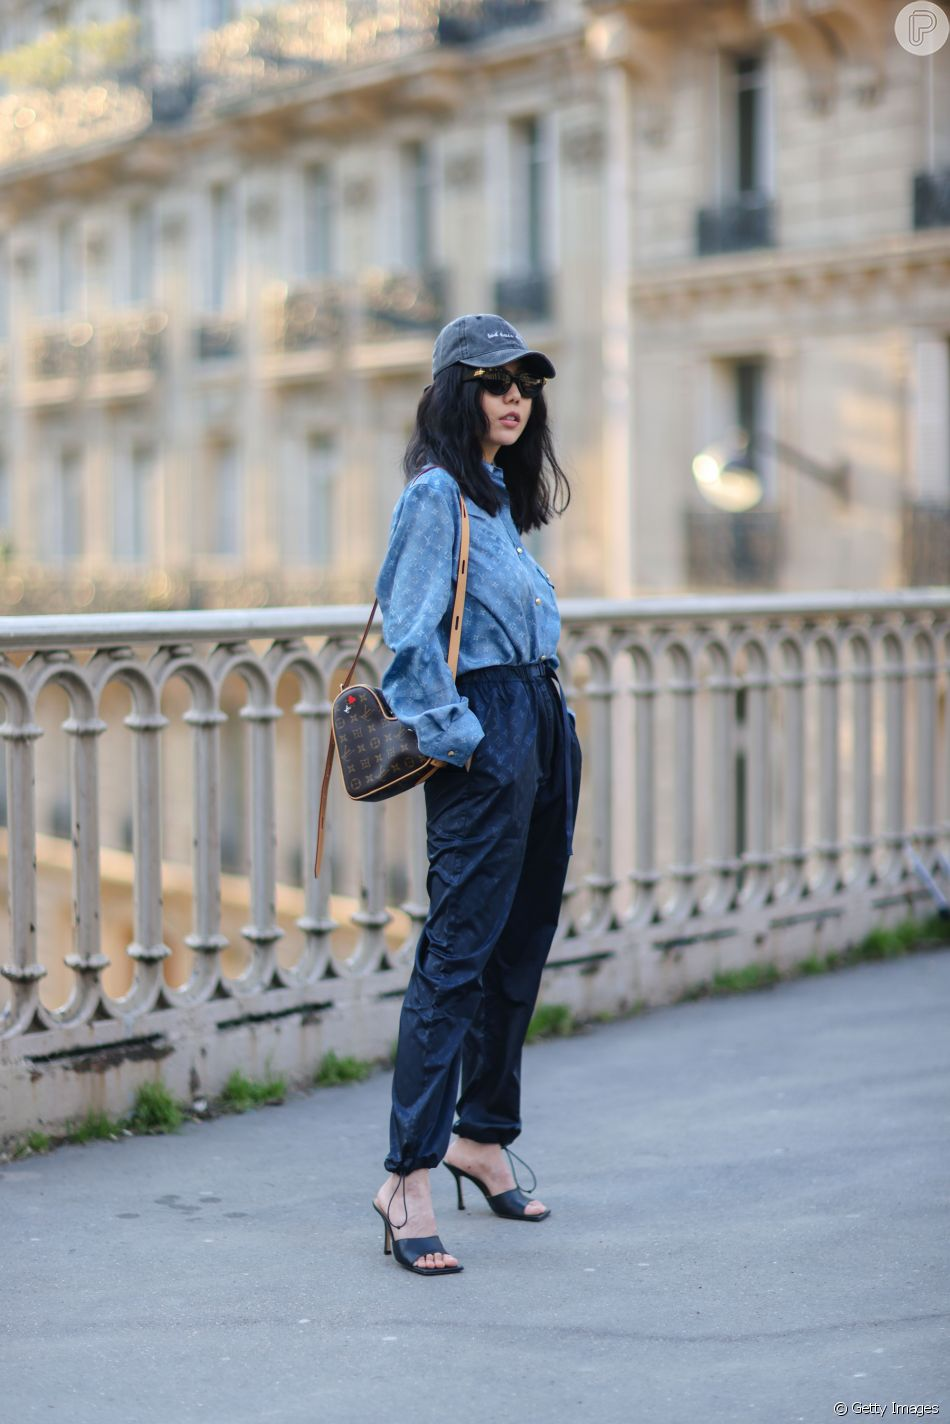 O look jeans total atualizado com boné e sandálias de tiras